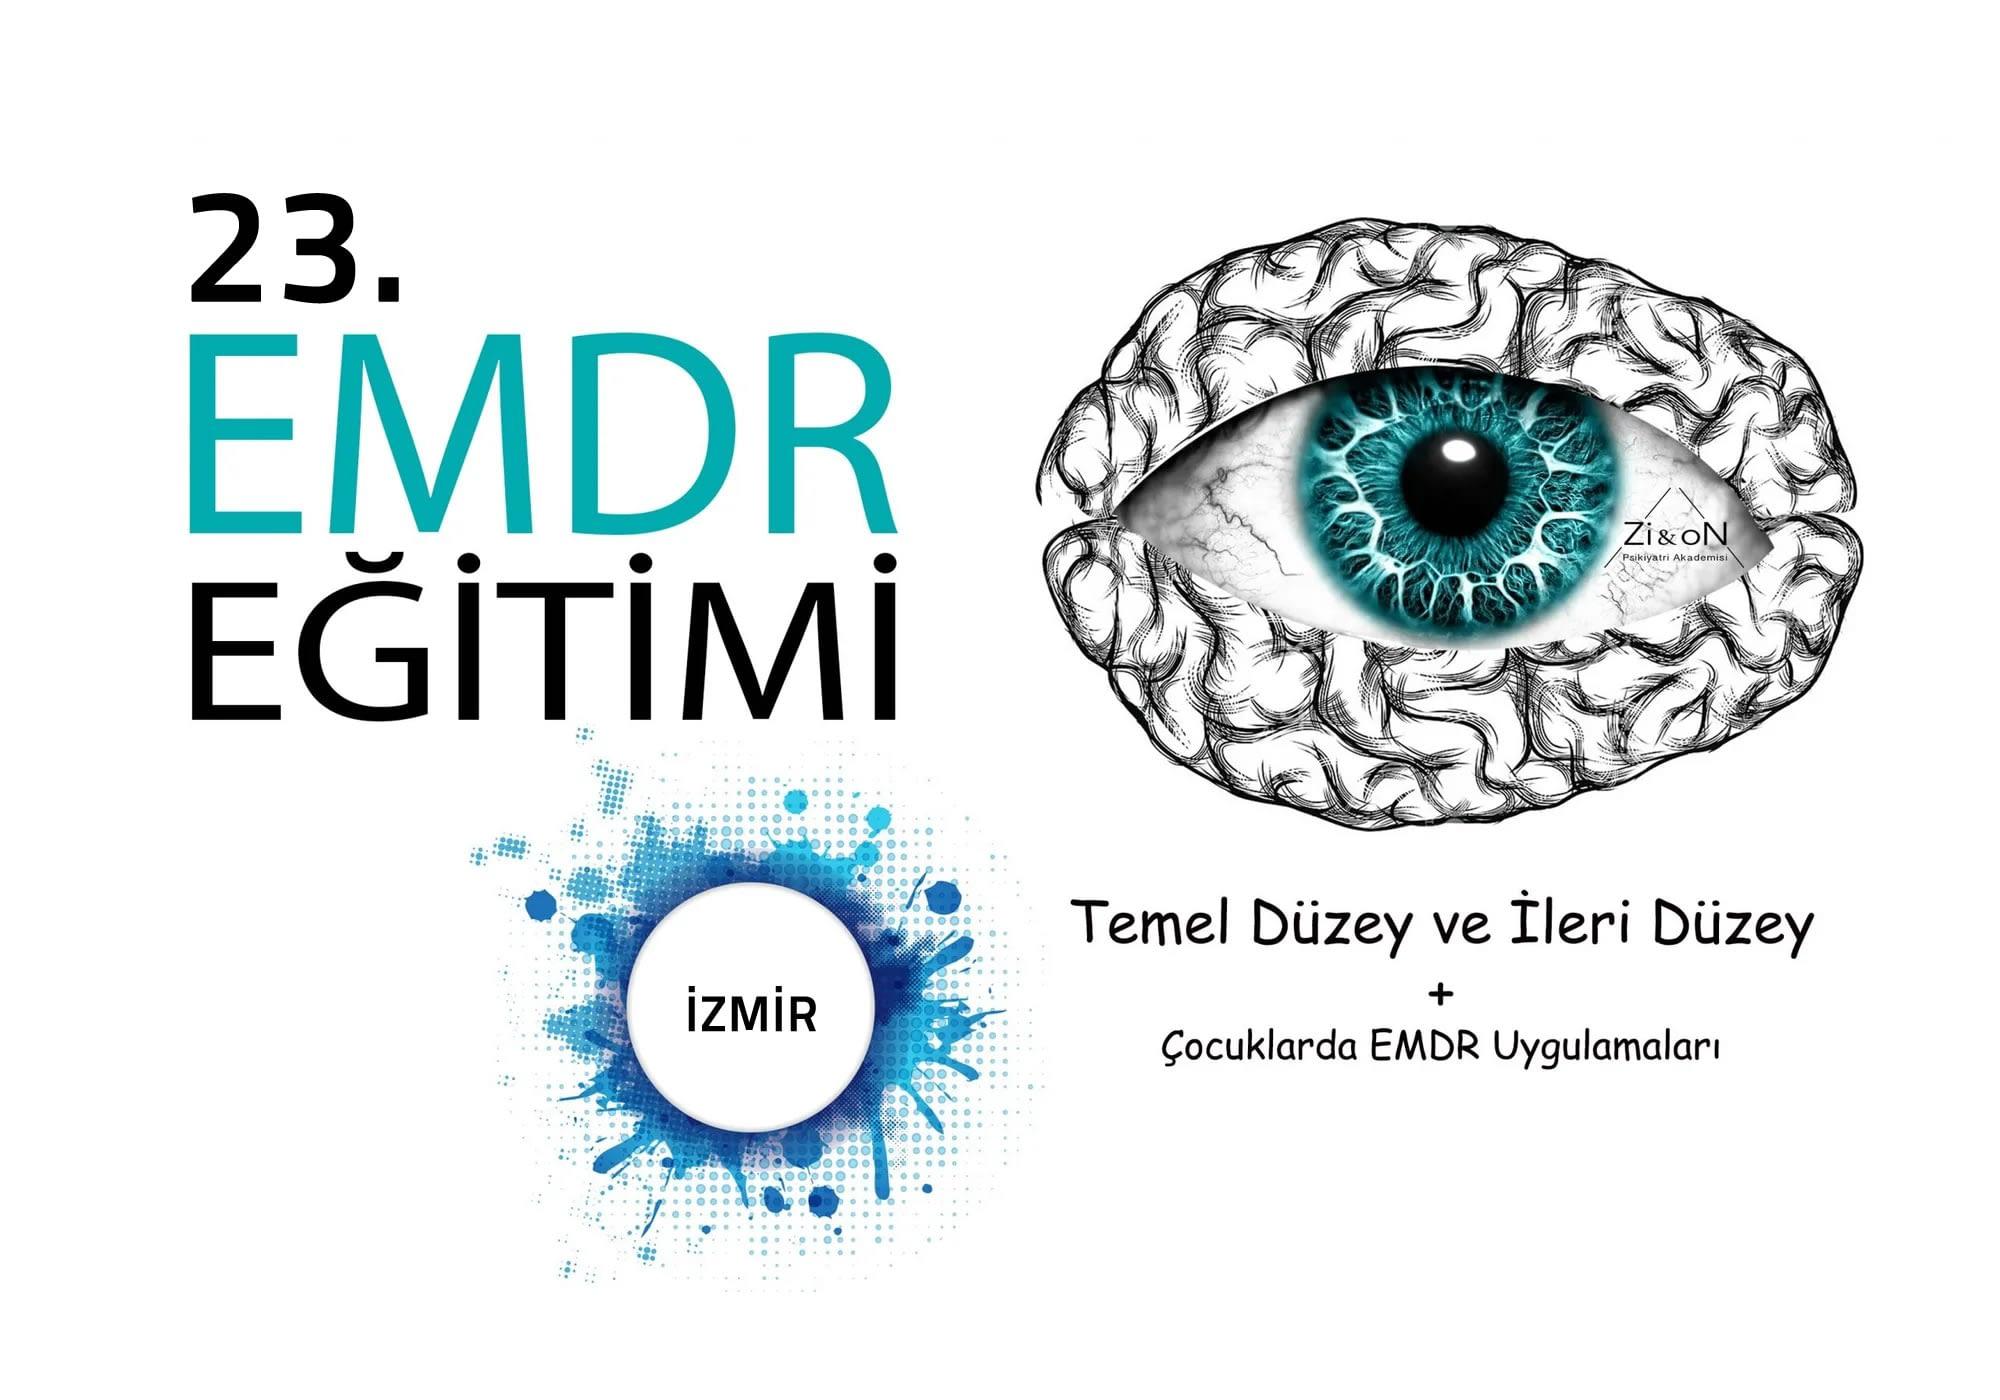 Emdr Egitimi Izmir 23